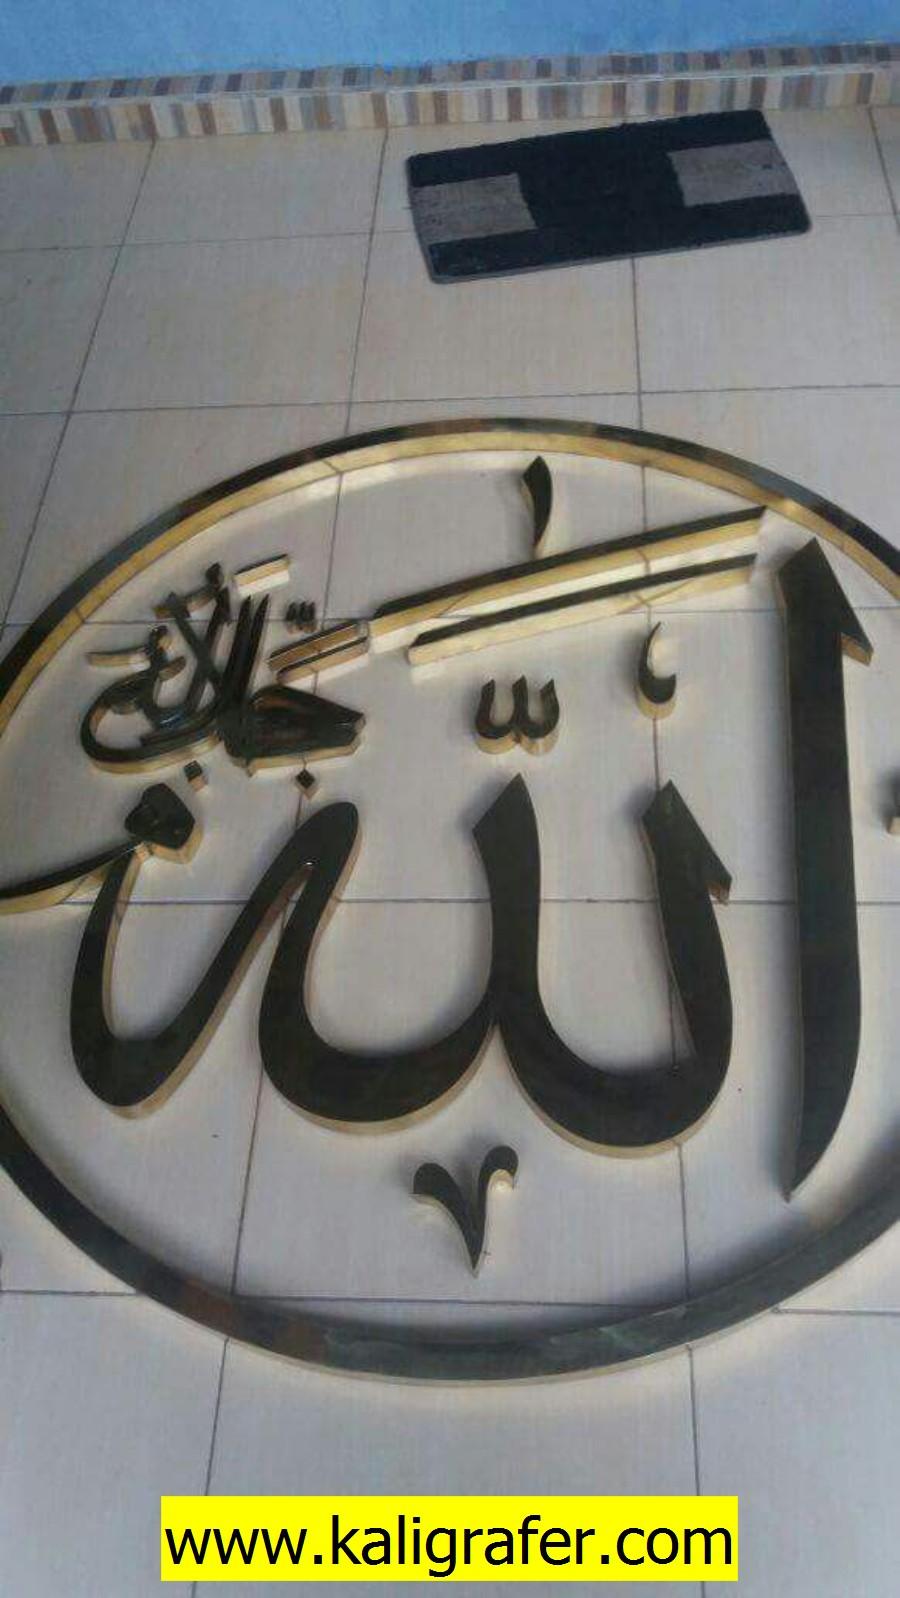 Kaligrafi Allah Muhammad Bahan Kuningan (4)